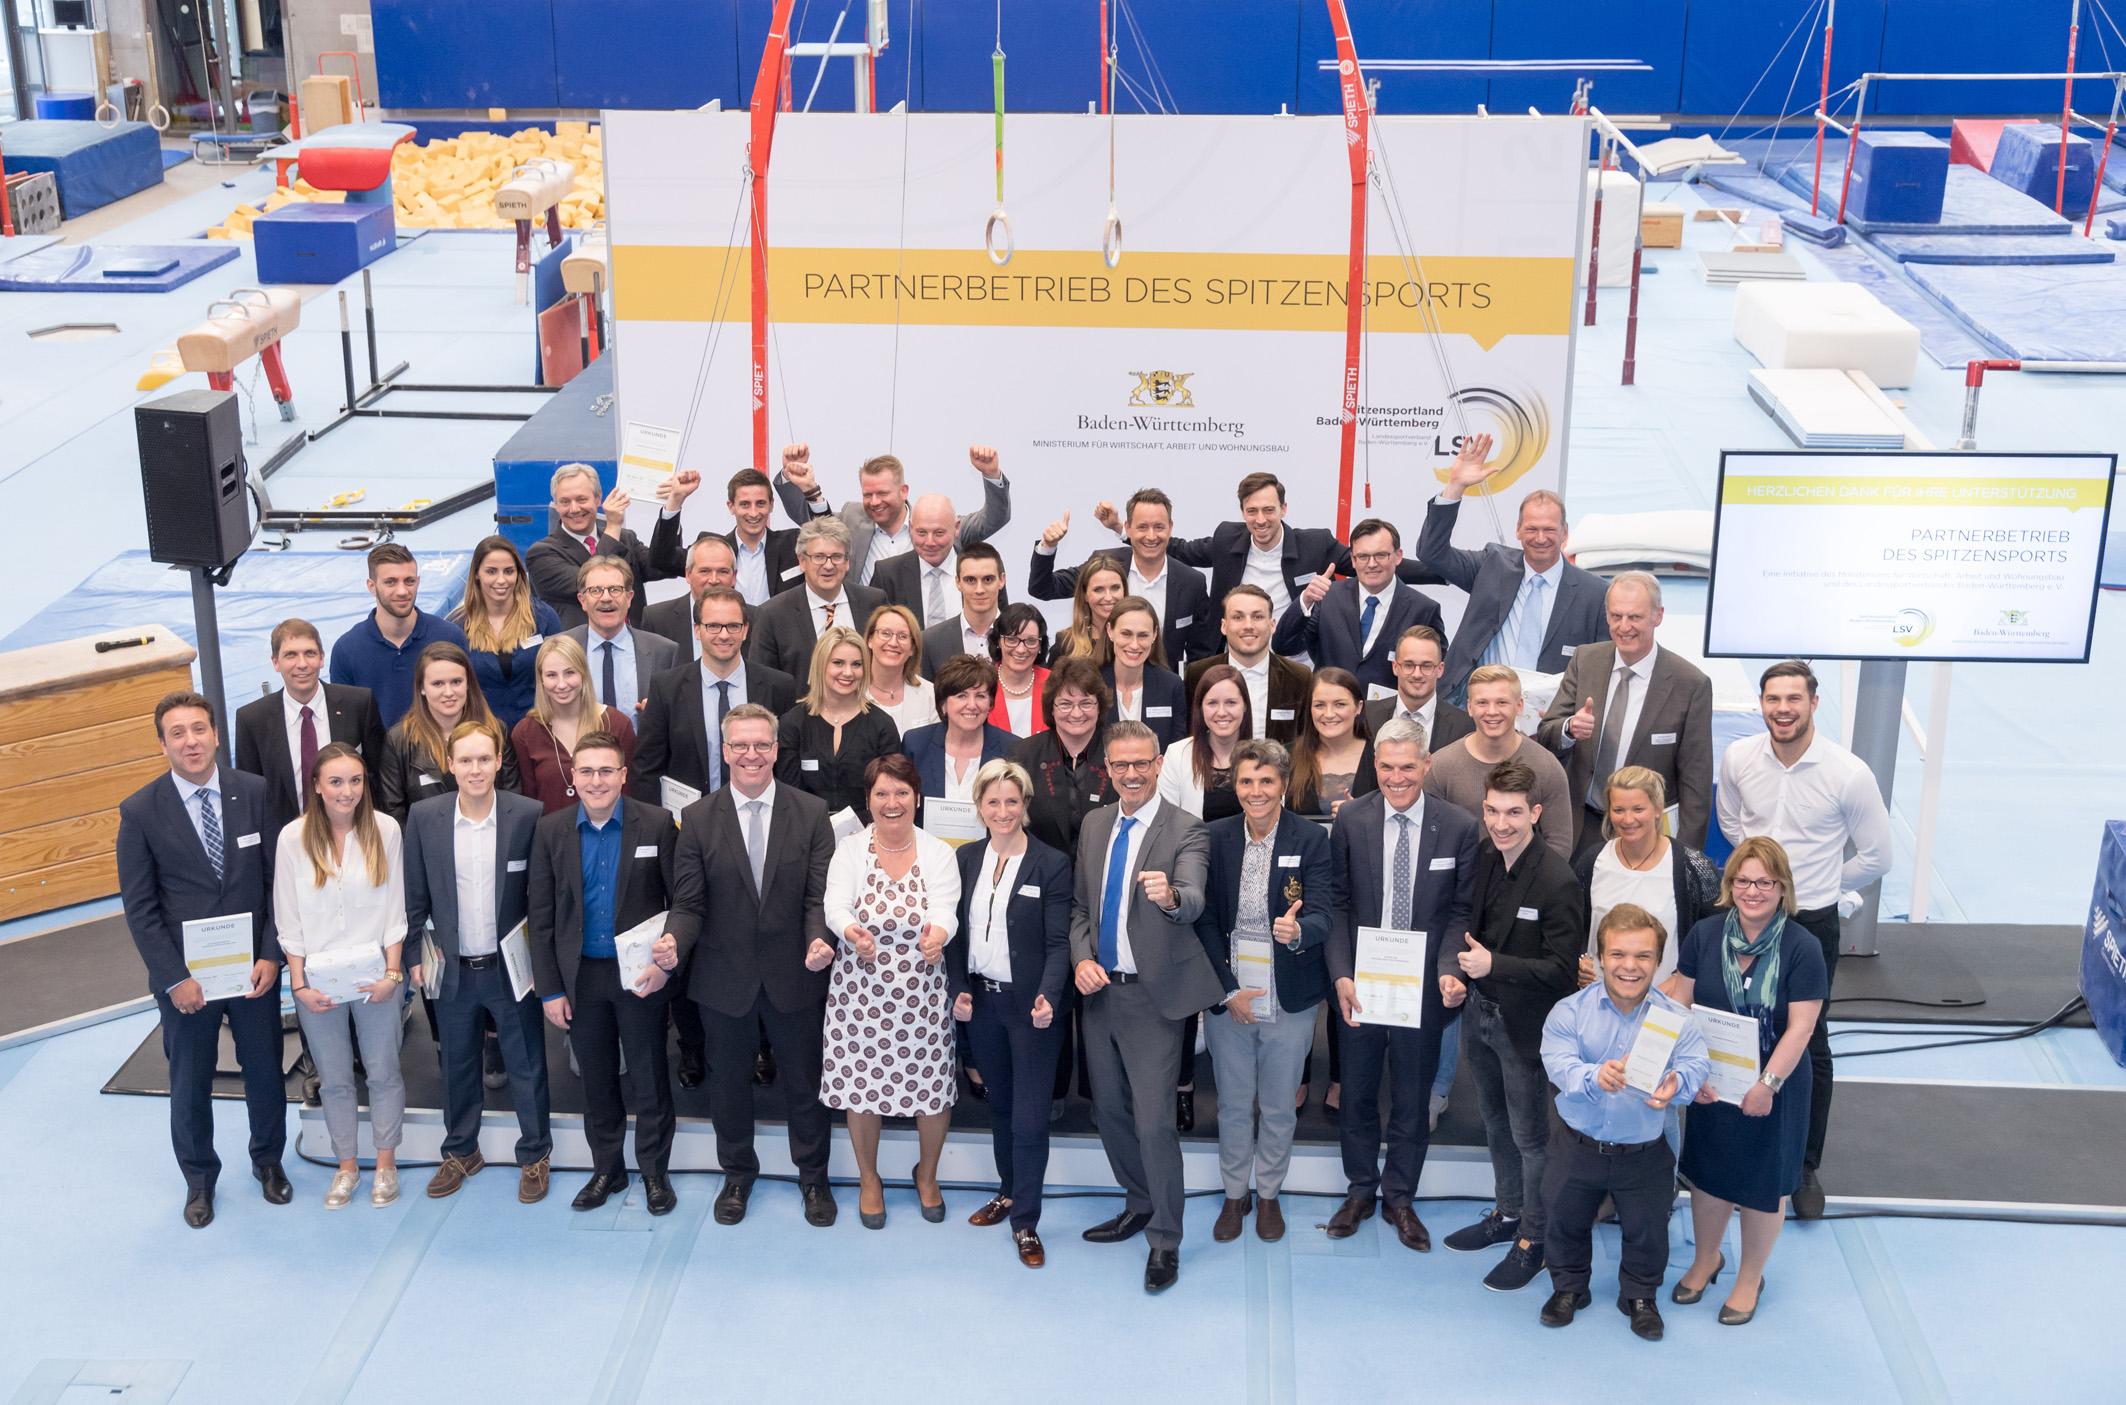 Partnerbetrieb des Spitzensports - Auszeichnungsfeier 2017